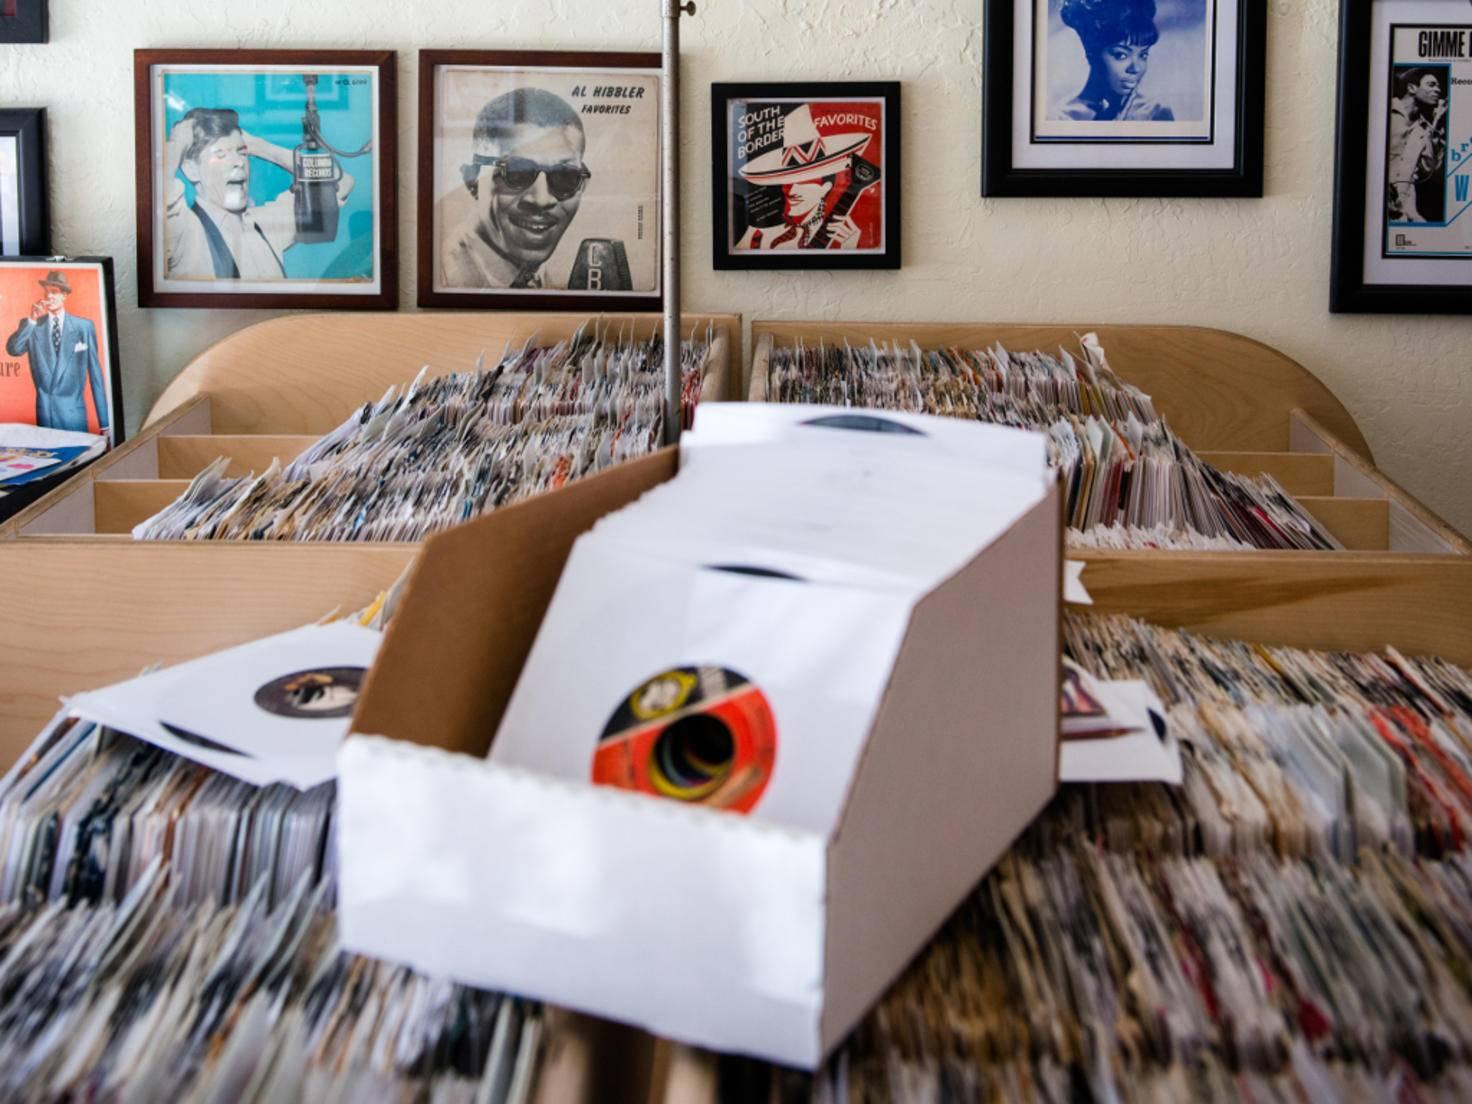 USA California San Francisco Haight Ashbury Rooky Ricardo's Records